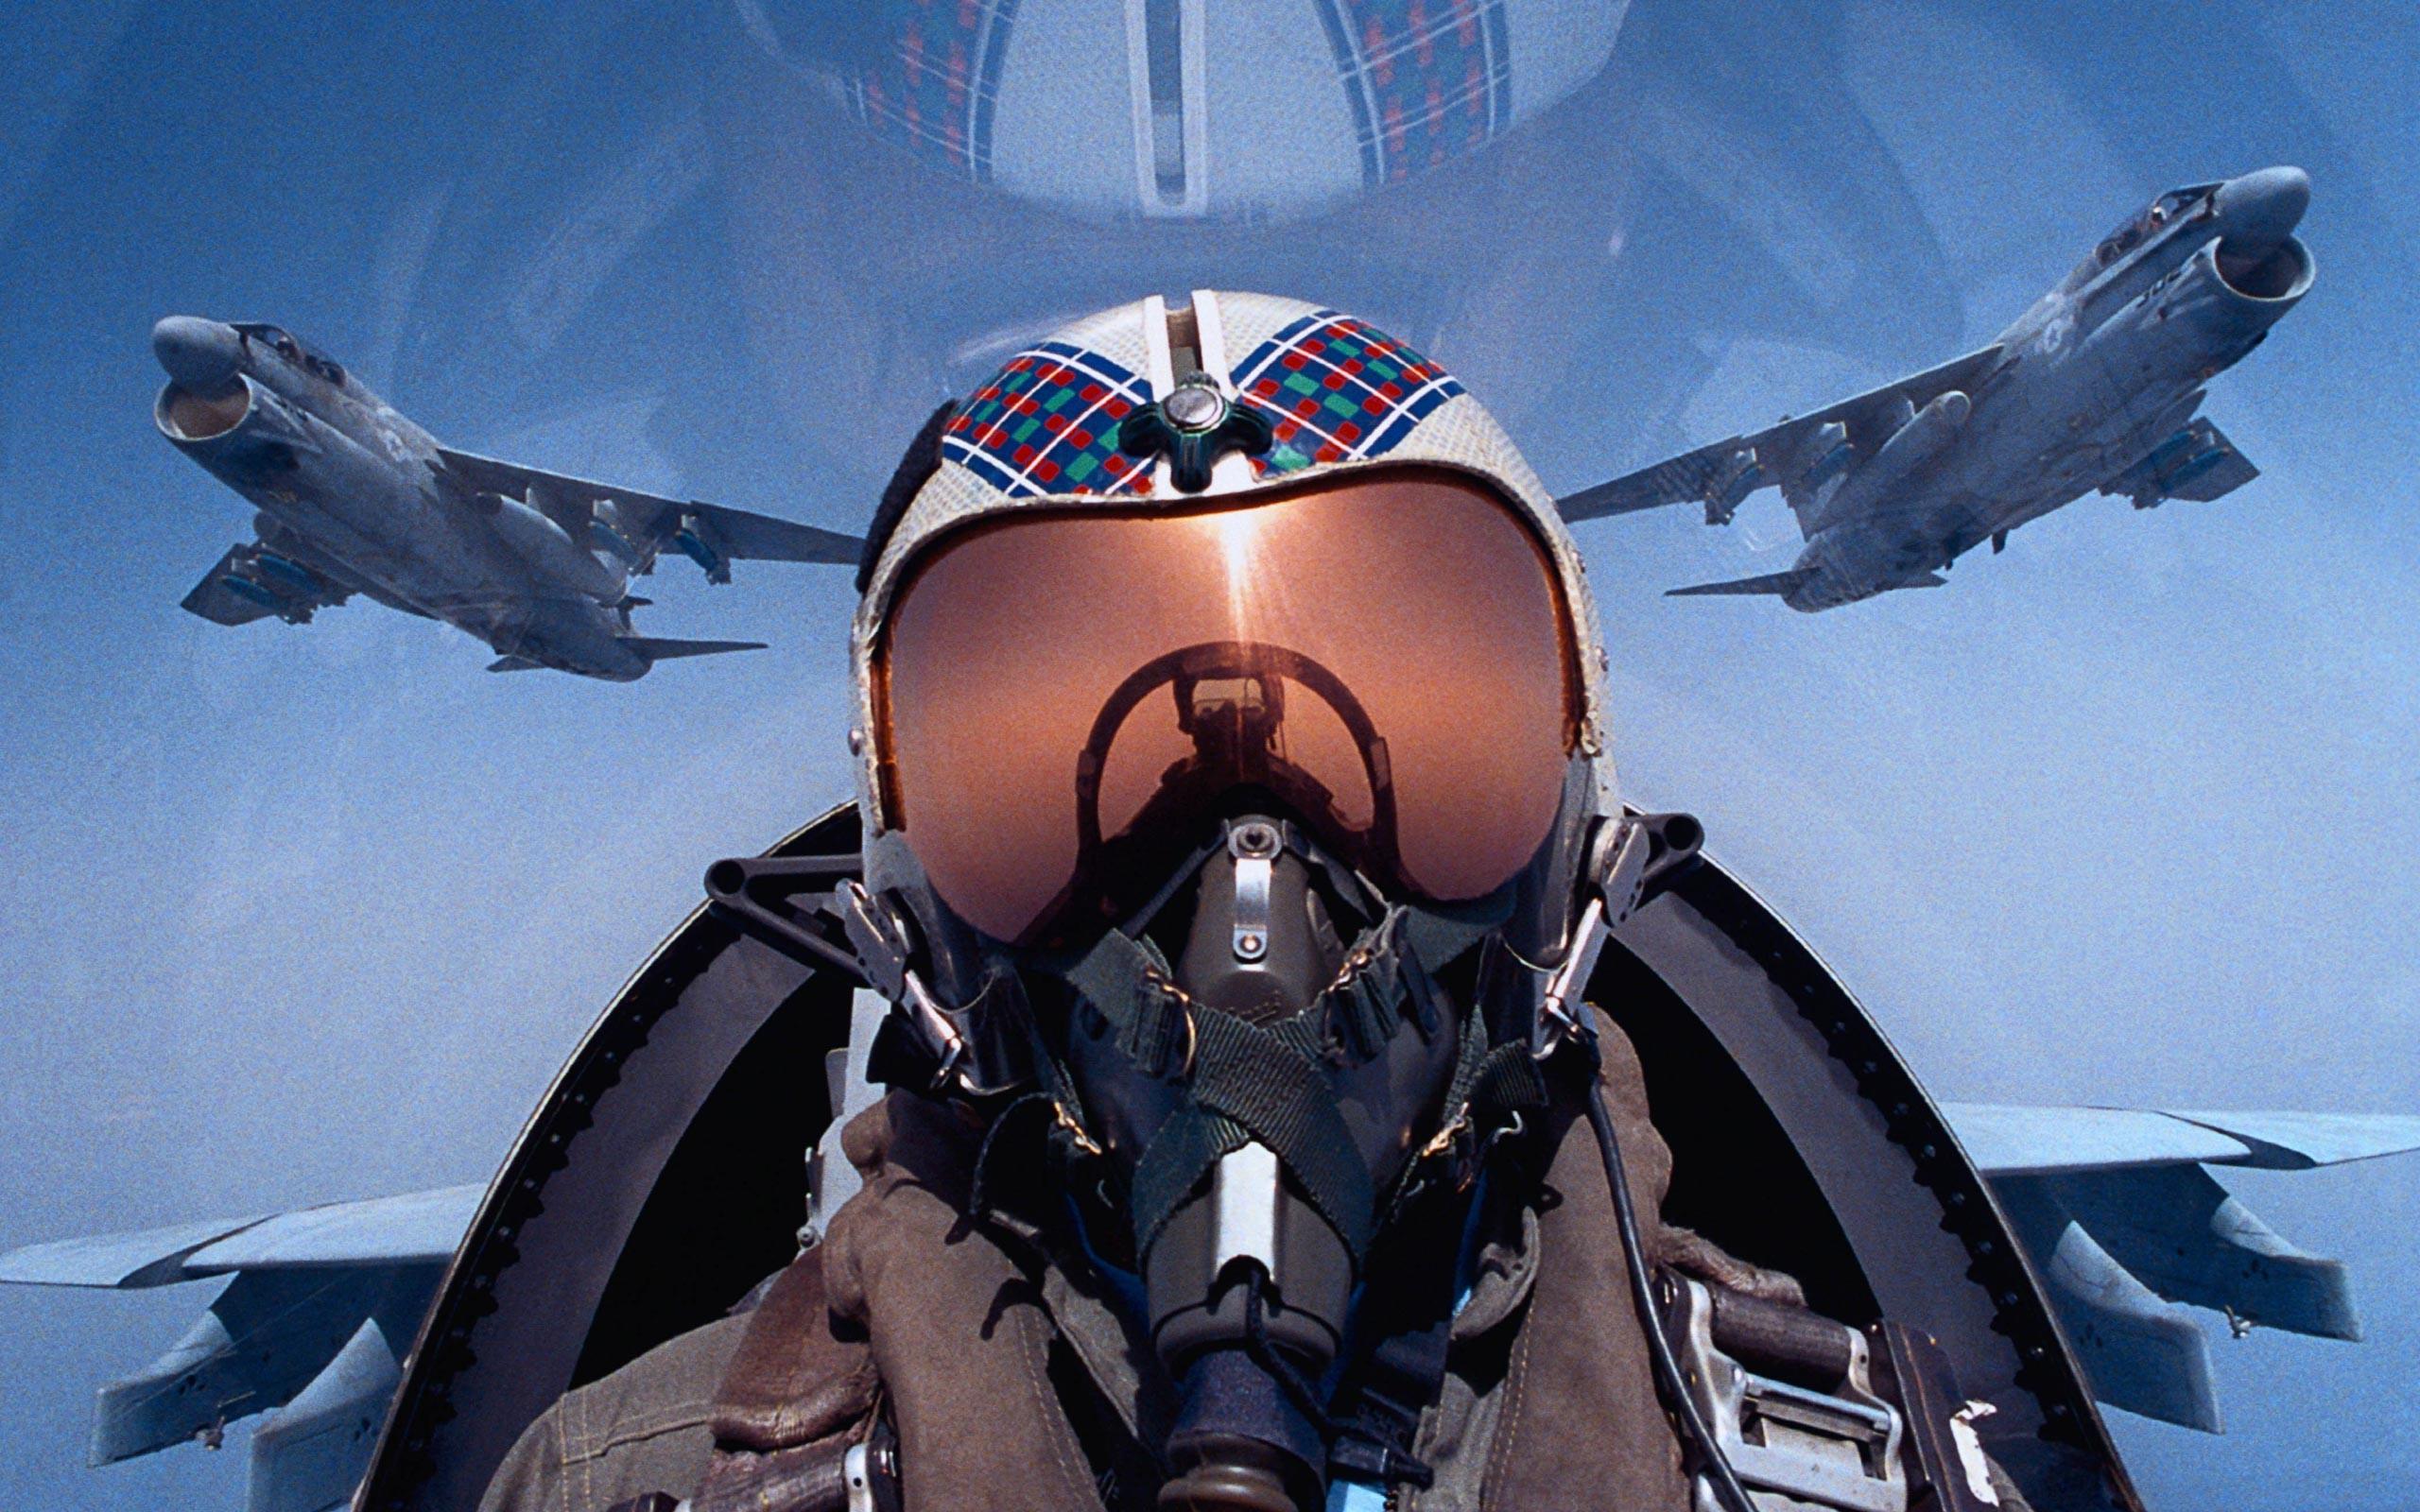 Piloto de avión - 2560x1600